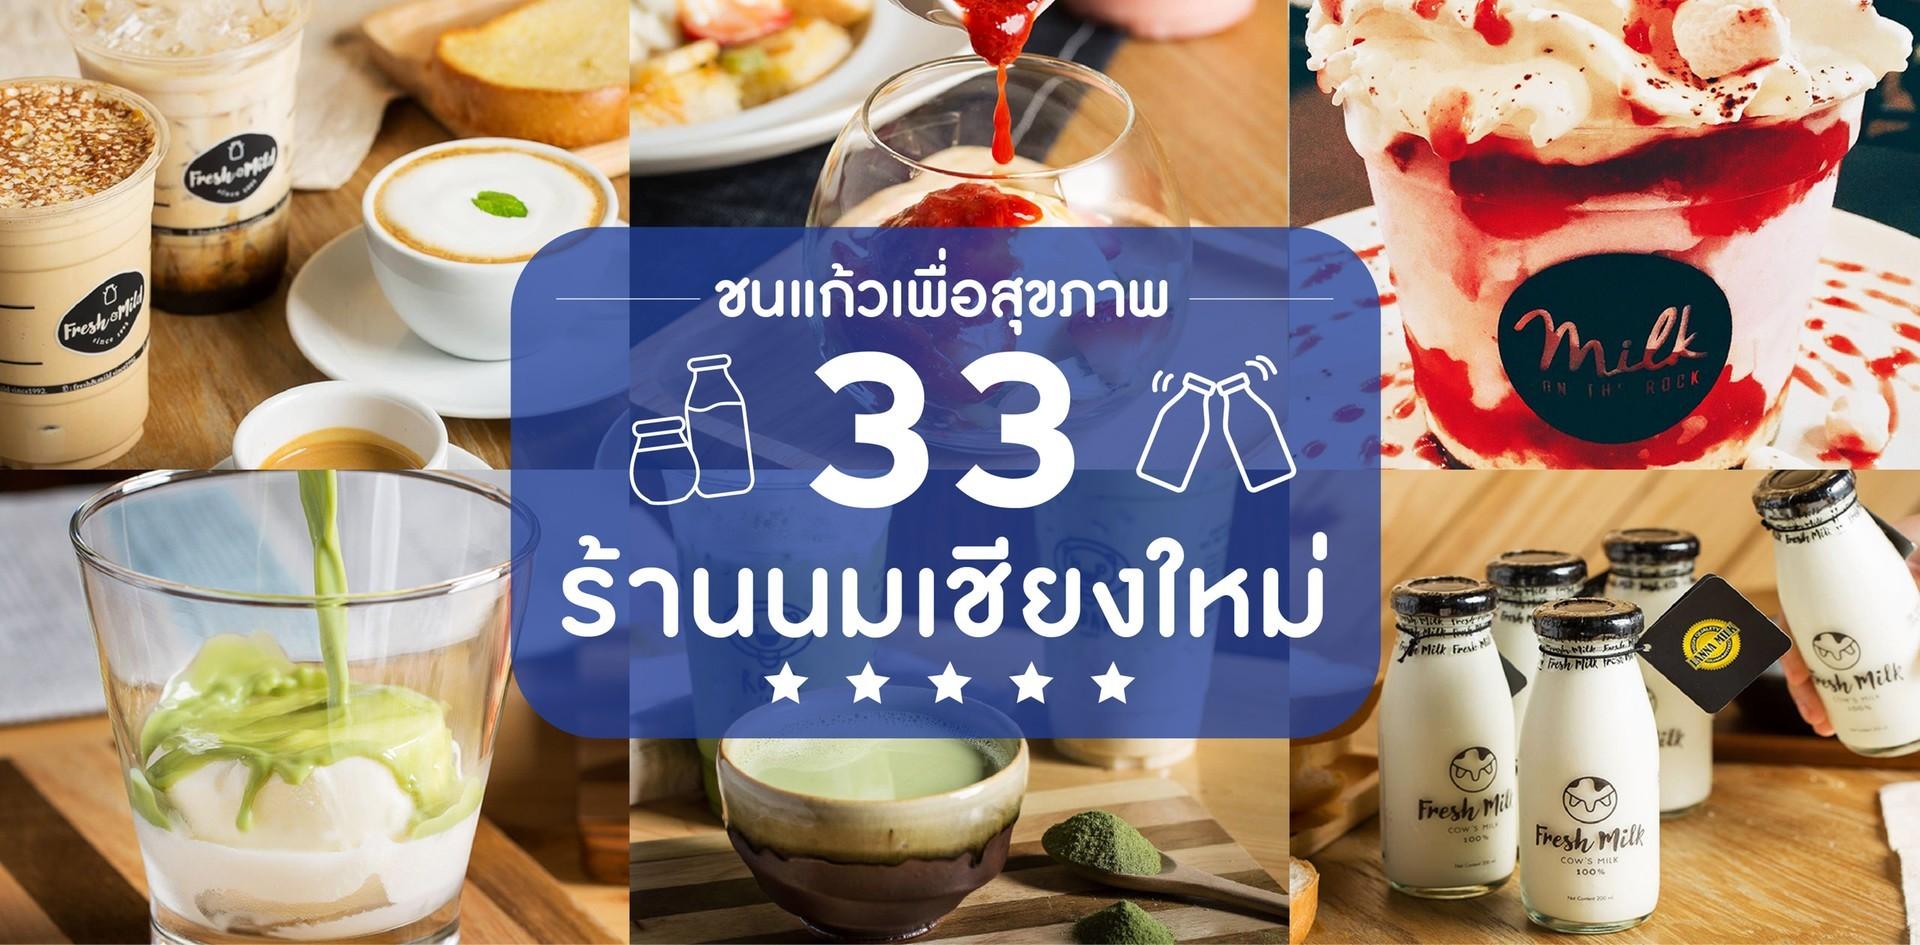 ชนแก้วเพื่อสุขภาพ 33 ร้านนมเชียงใหม่